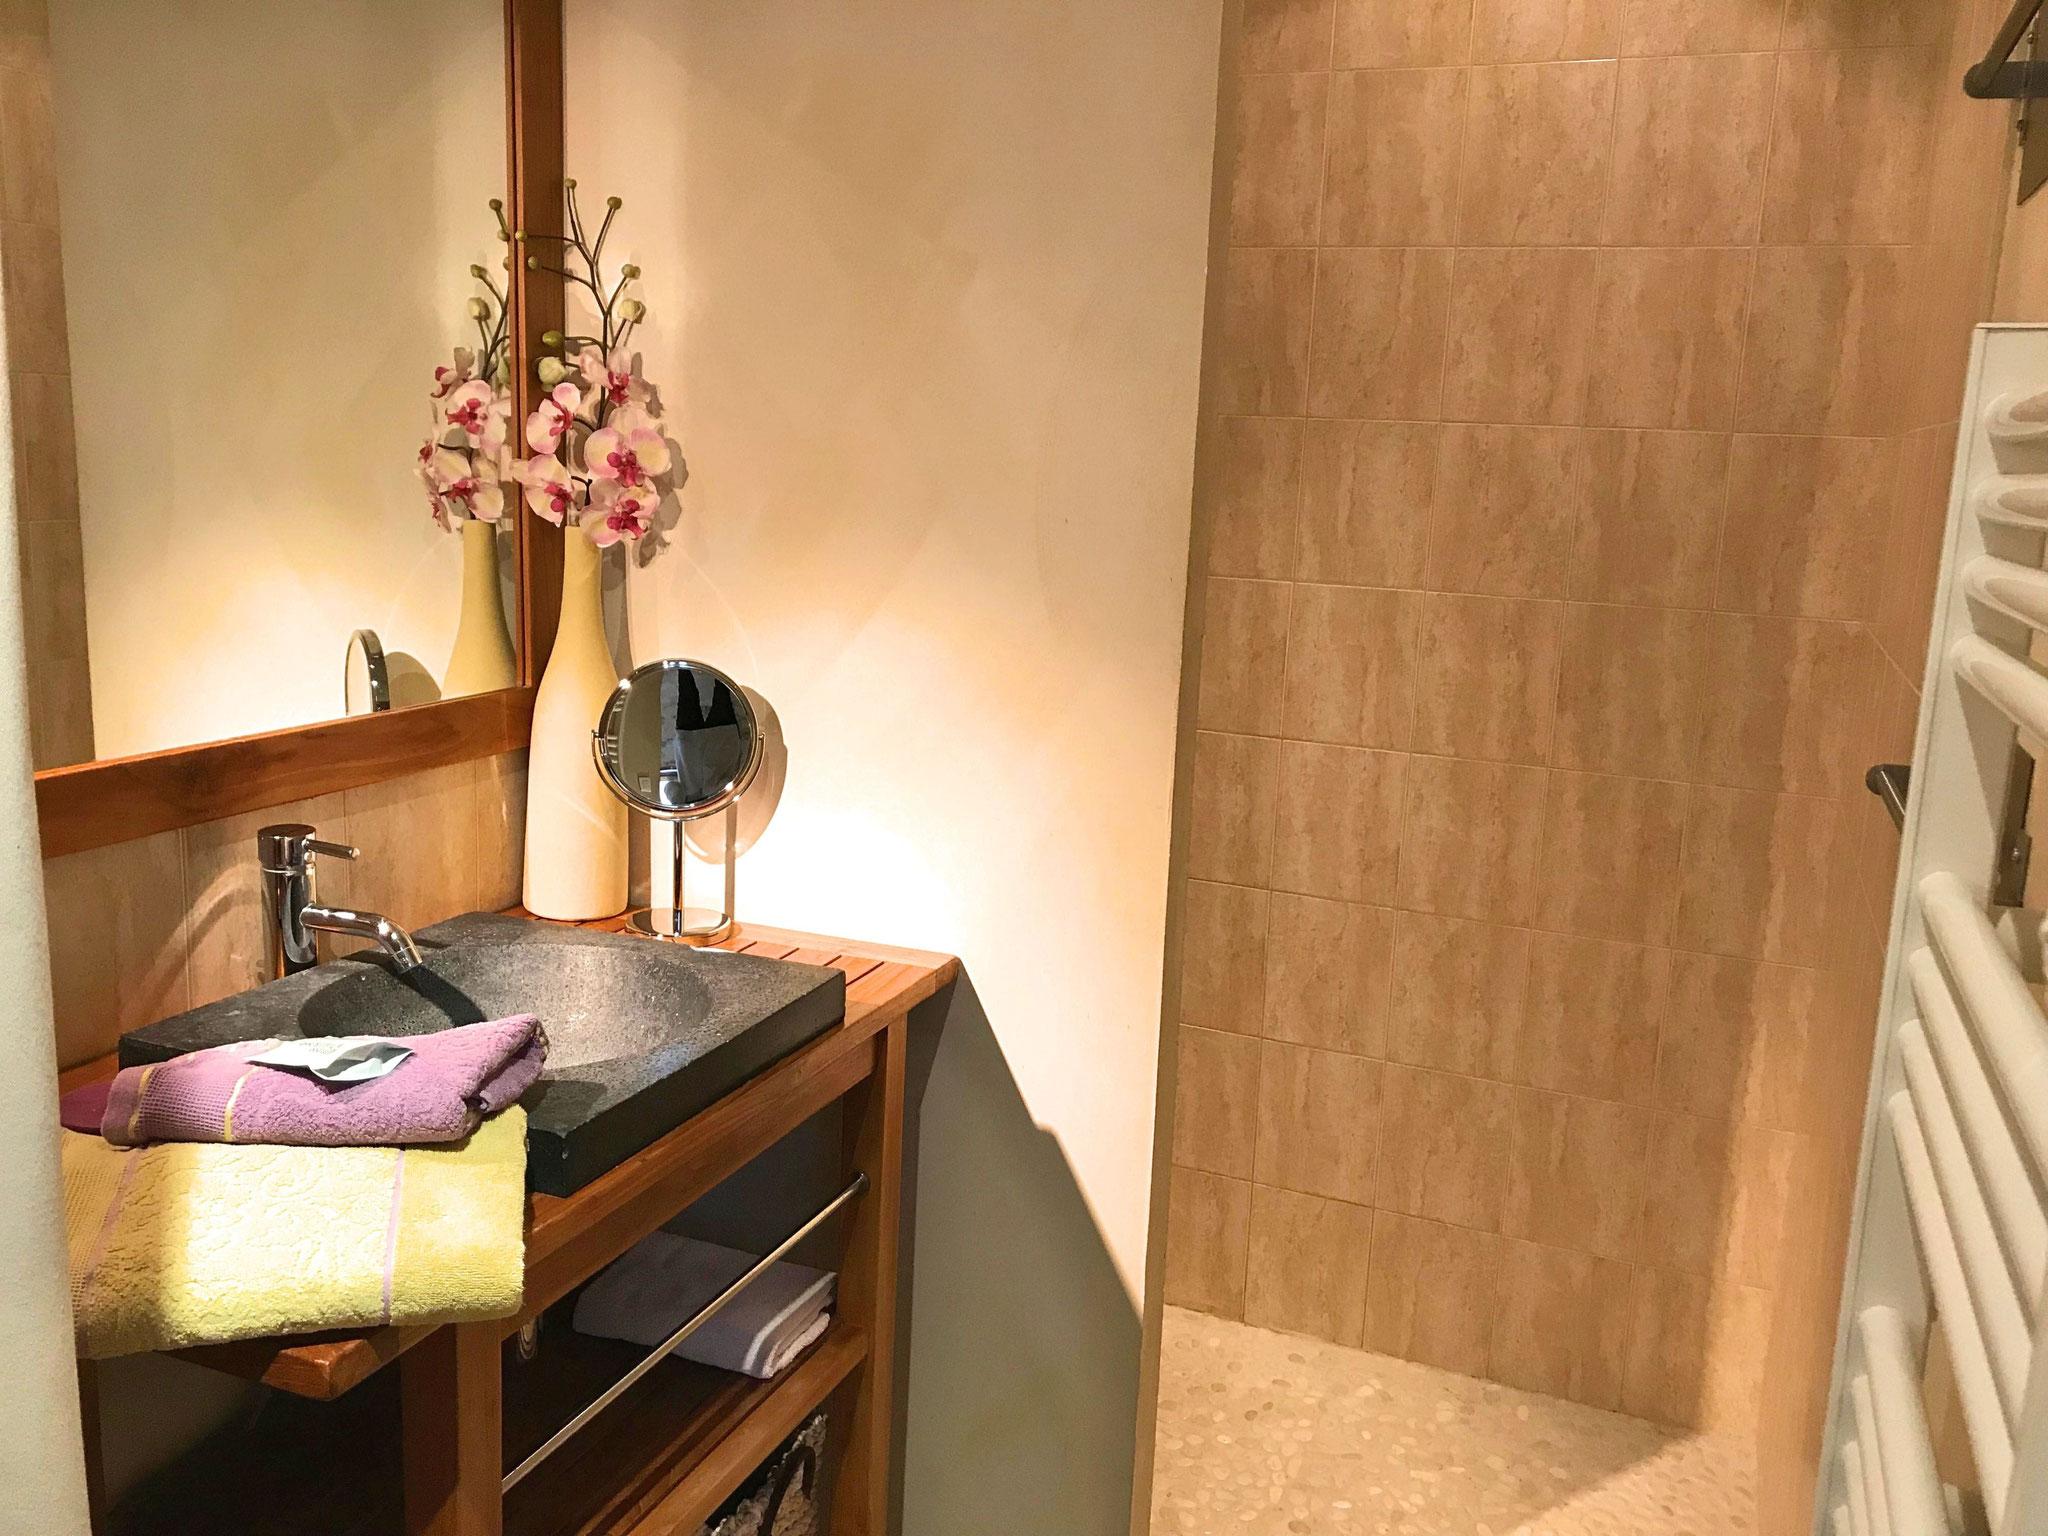 Salle d'eau de Fleur de Vigne, douche à l'italienne